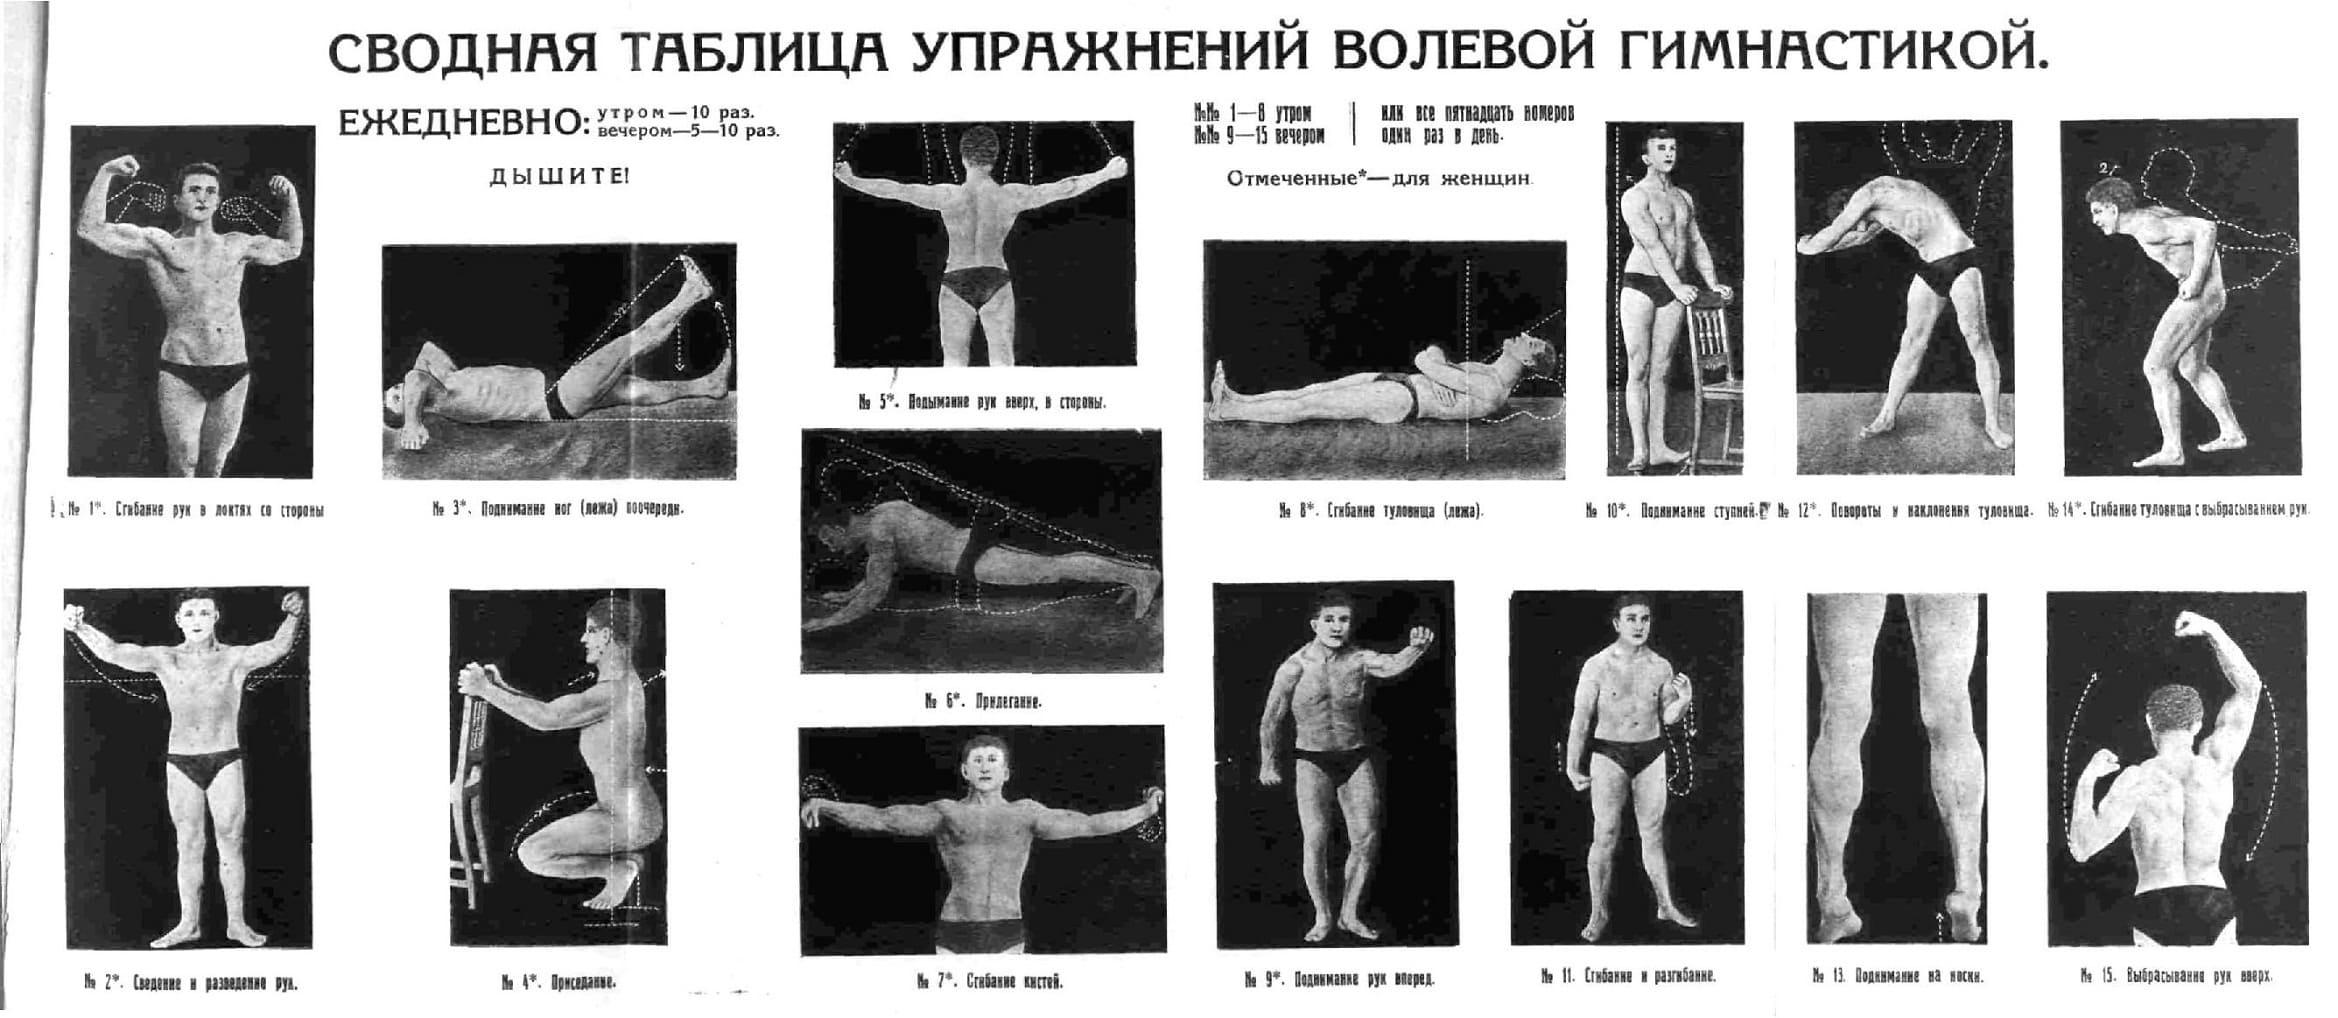 Волевая Гимнастика Анохина книга